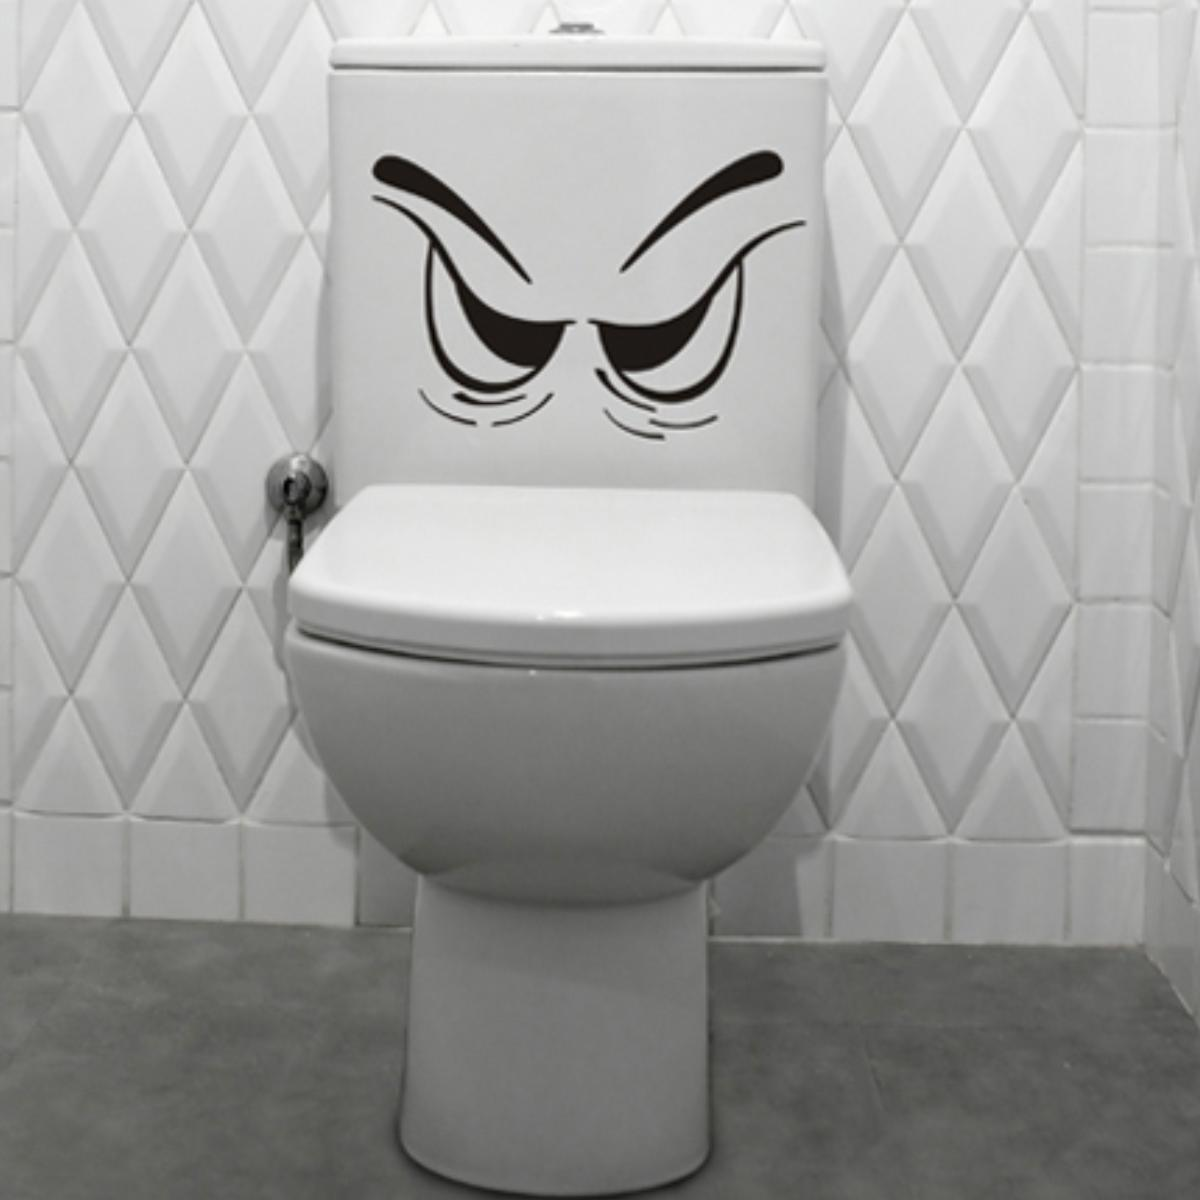 Пьяный ночью туалет 22 фотография